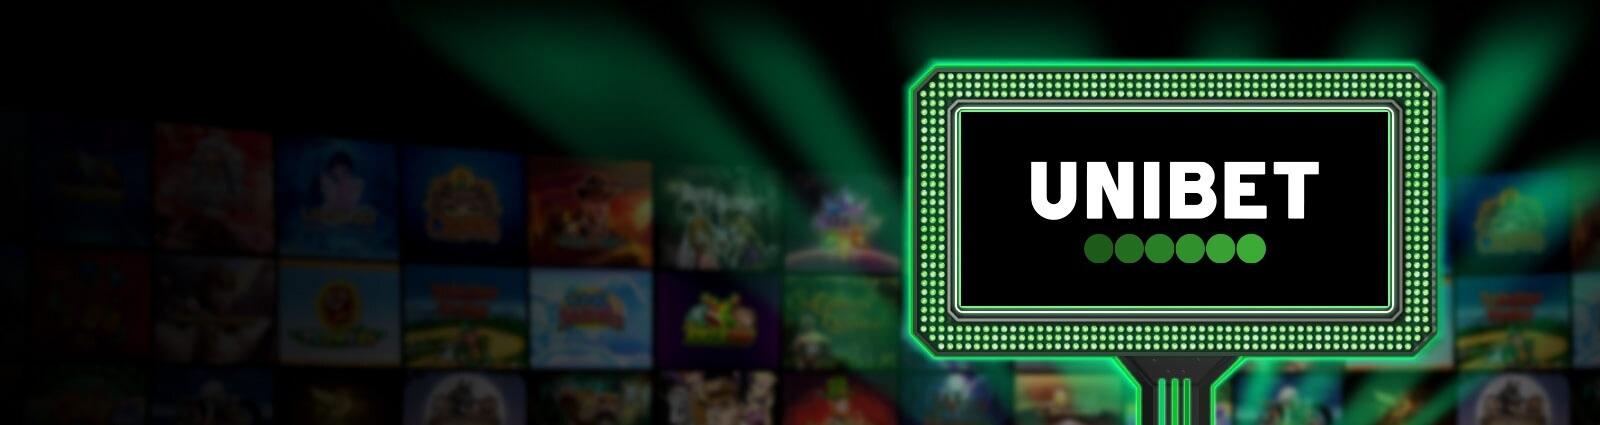 unibet-casino-app-3